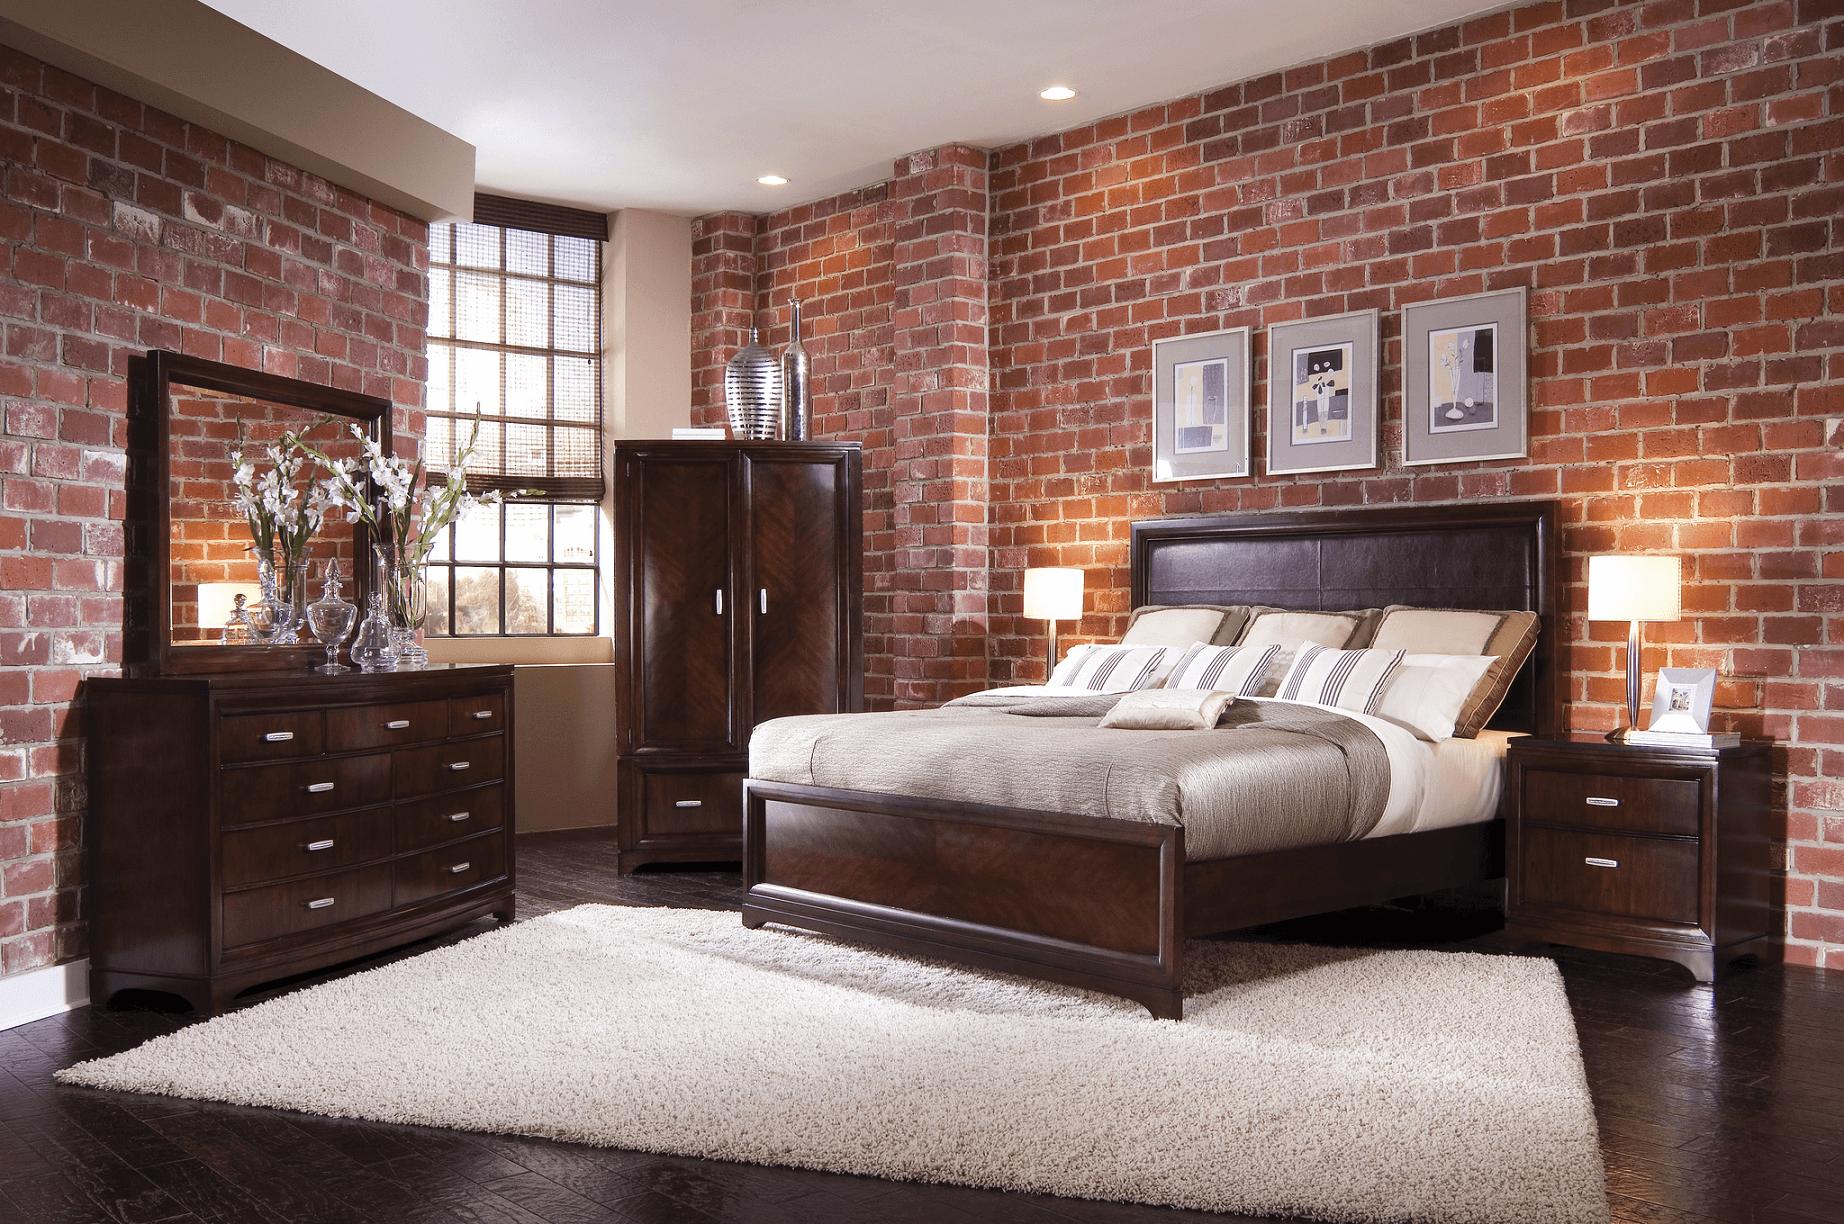 Lampen Für Schlafzimmer Mit Rustikaler Dekoration